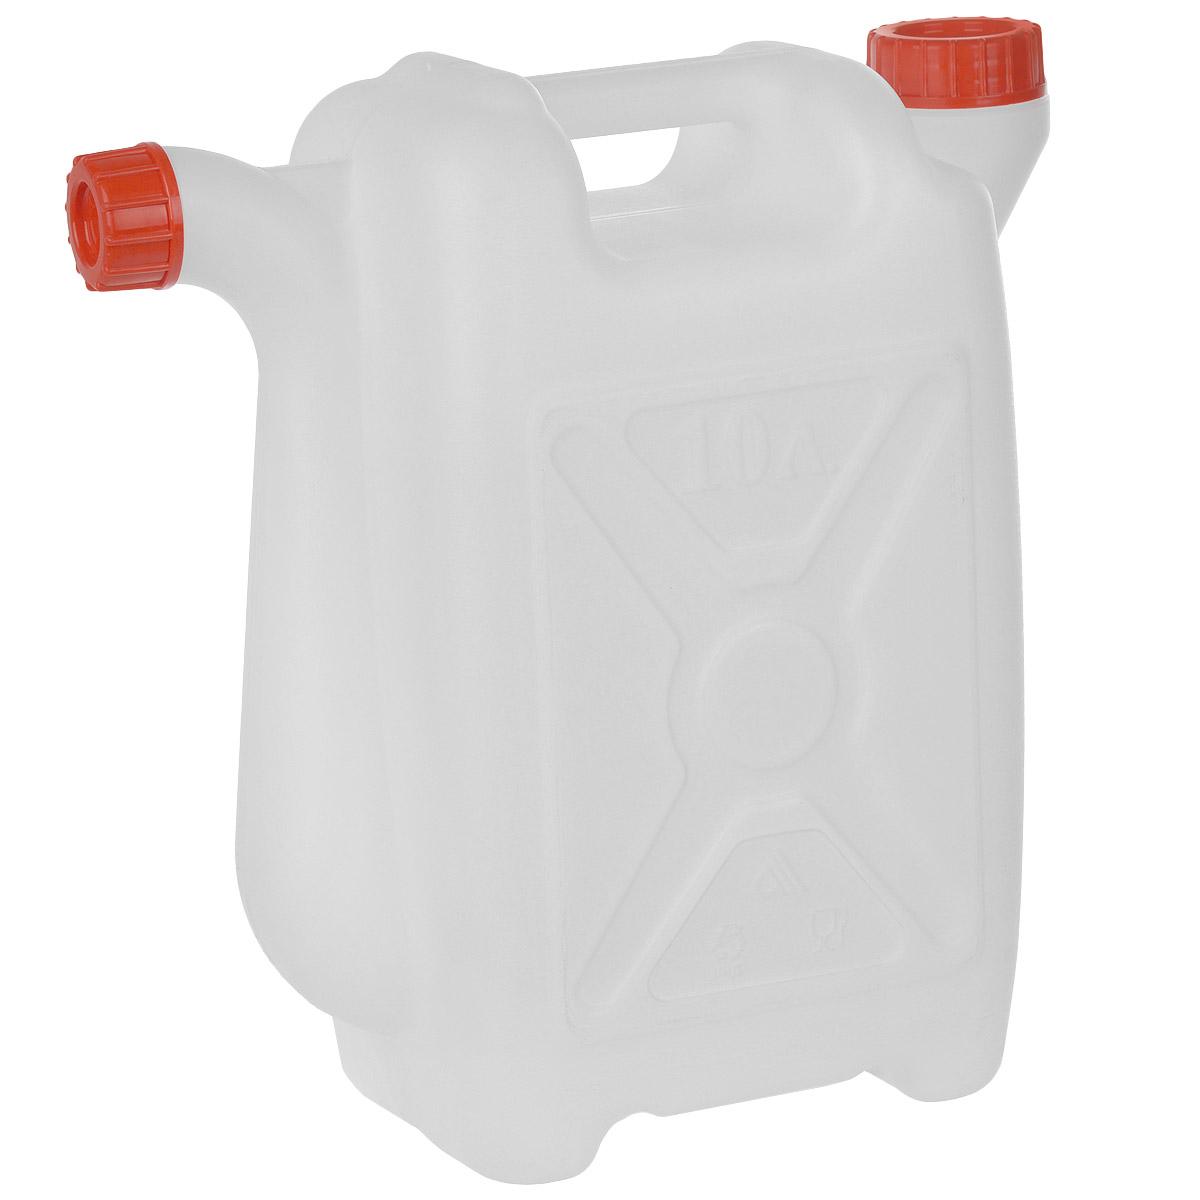 Канистра со сливом Альтернатива, 10 лVT-1520(SR)Канистра Альтернатива на 10 литров, изготовленная из прочного пластика, несомненно, пригодится вам во время путешествия. Предназначена для переноски и хранения различных жидкостей. Канистра оснащена сливом. Диаметр горла: 3,7 см.